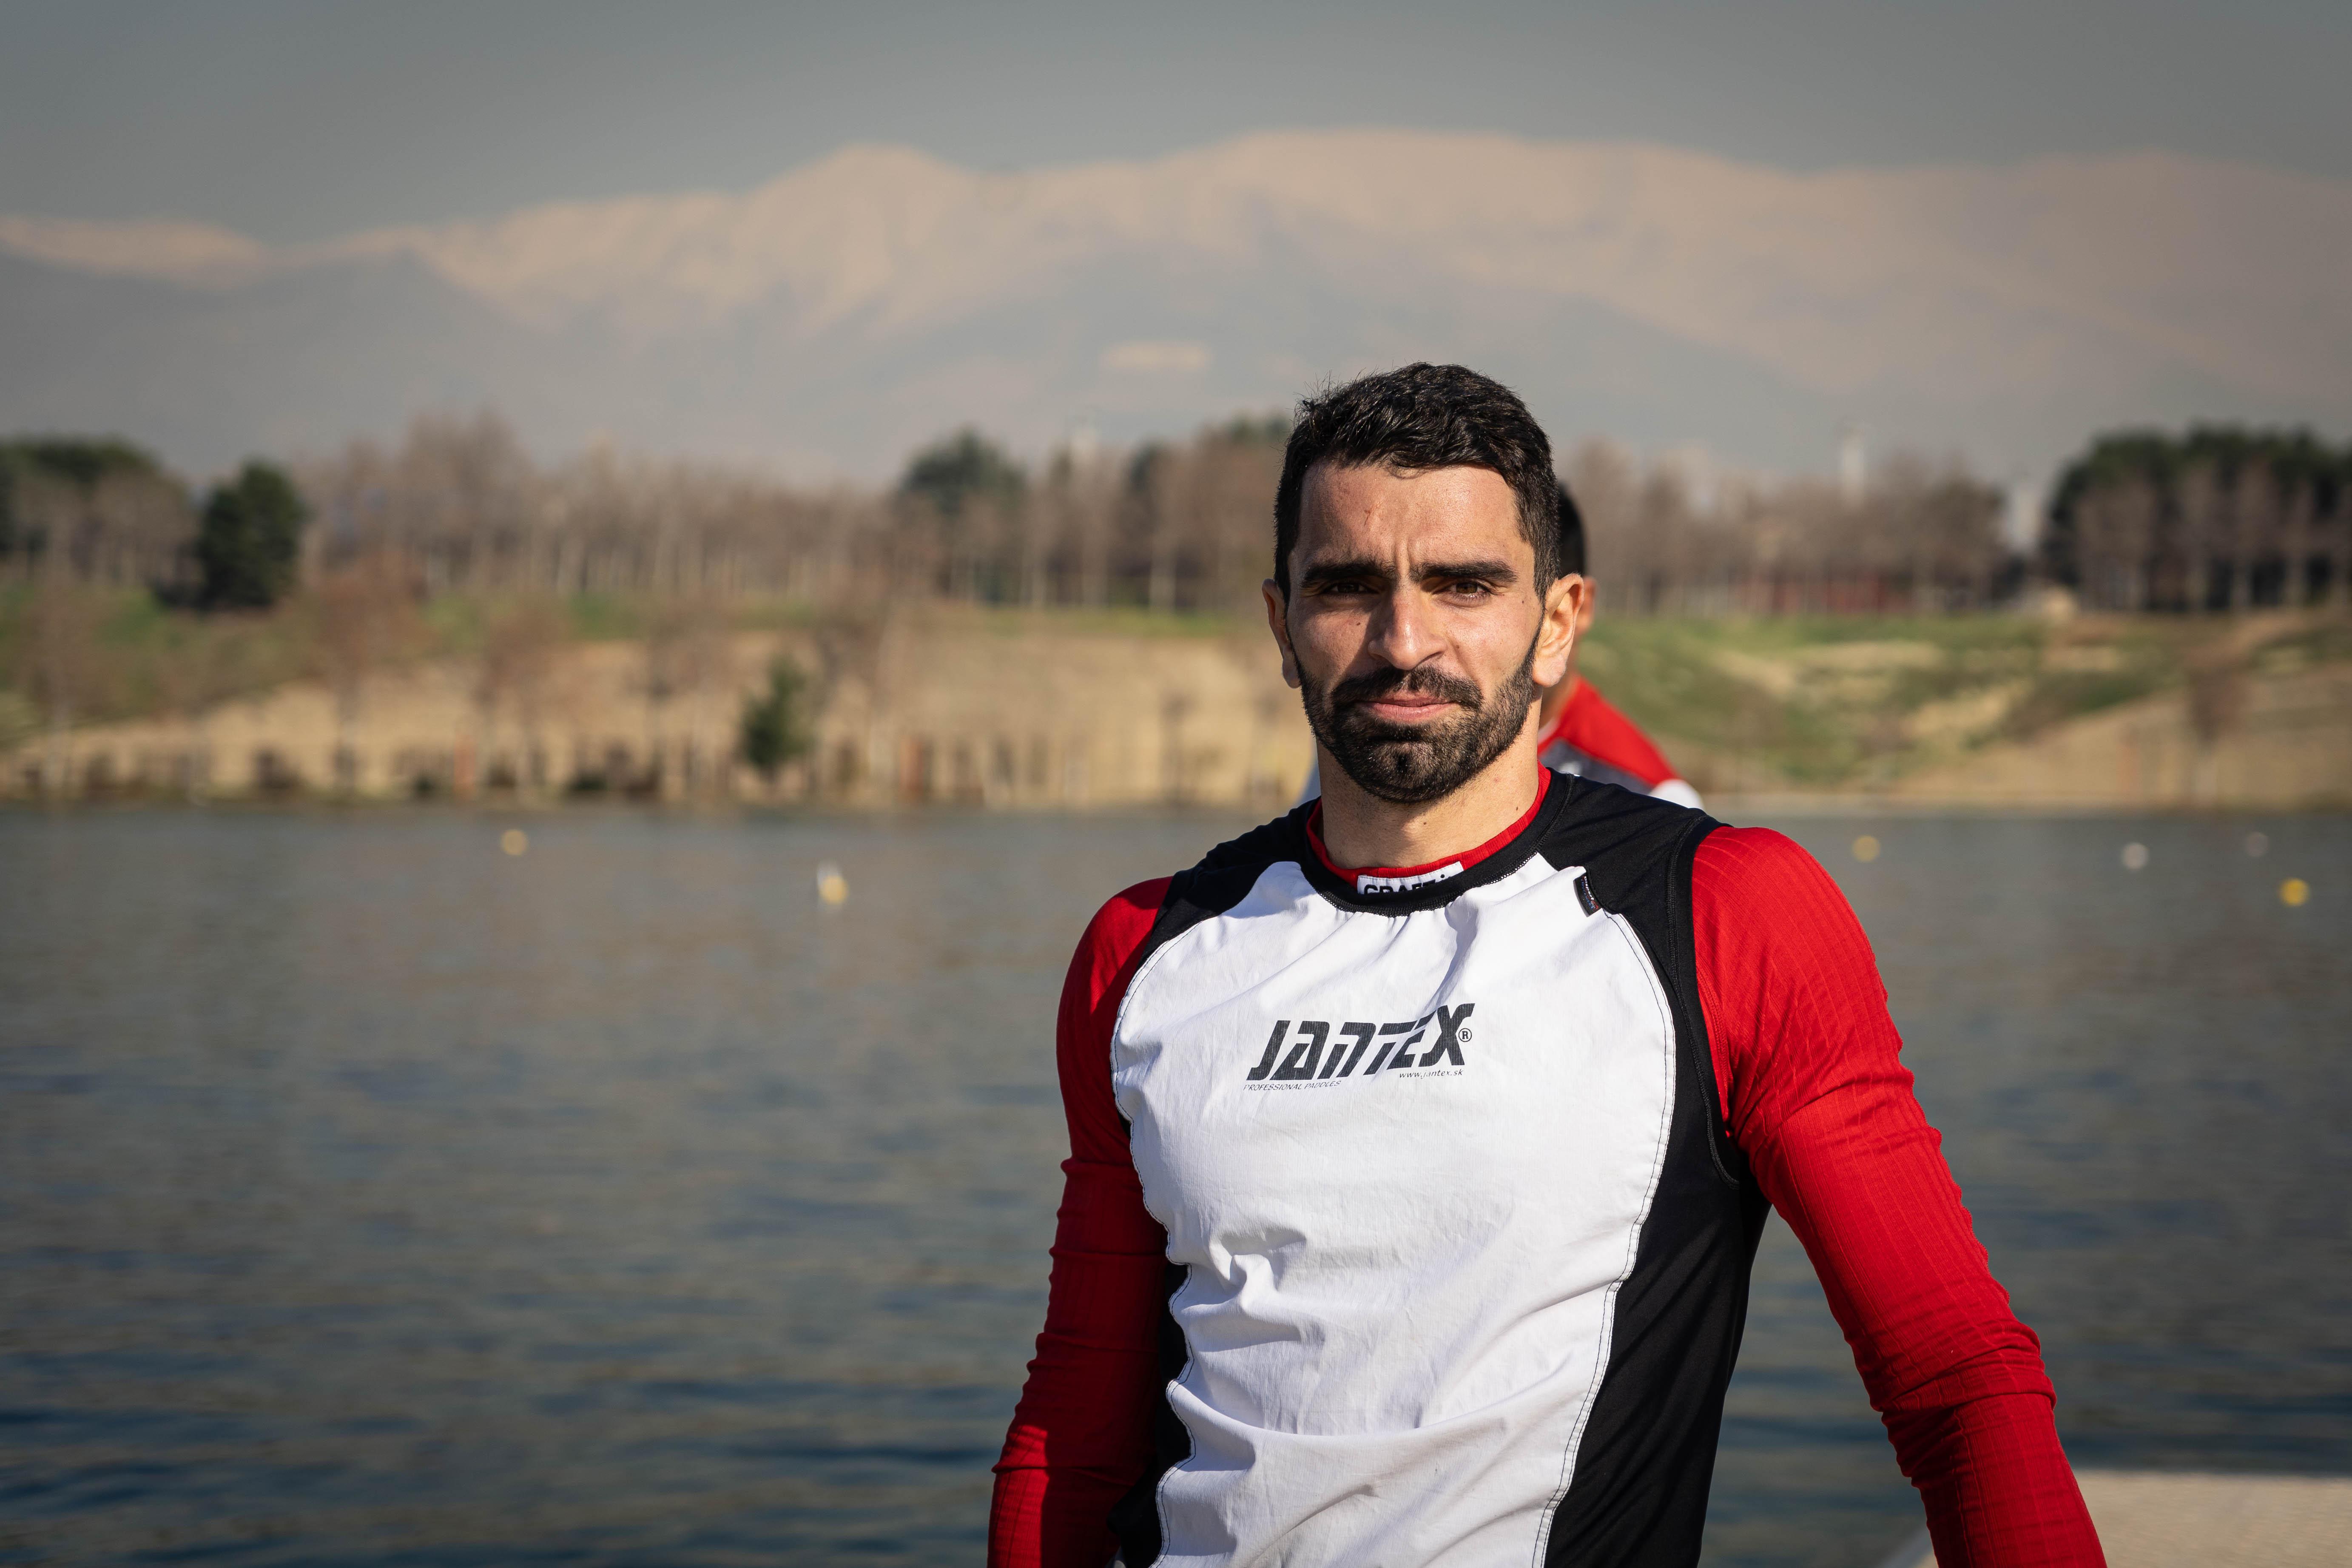 علی آقامیرزایی: کار سختی در انتخابی المپیک در پیش داریم